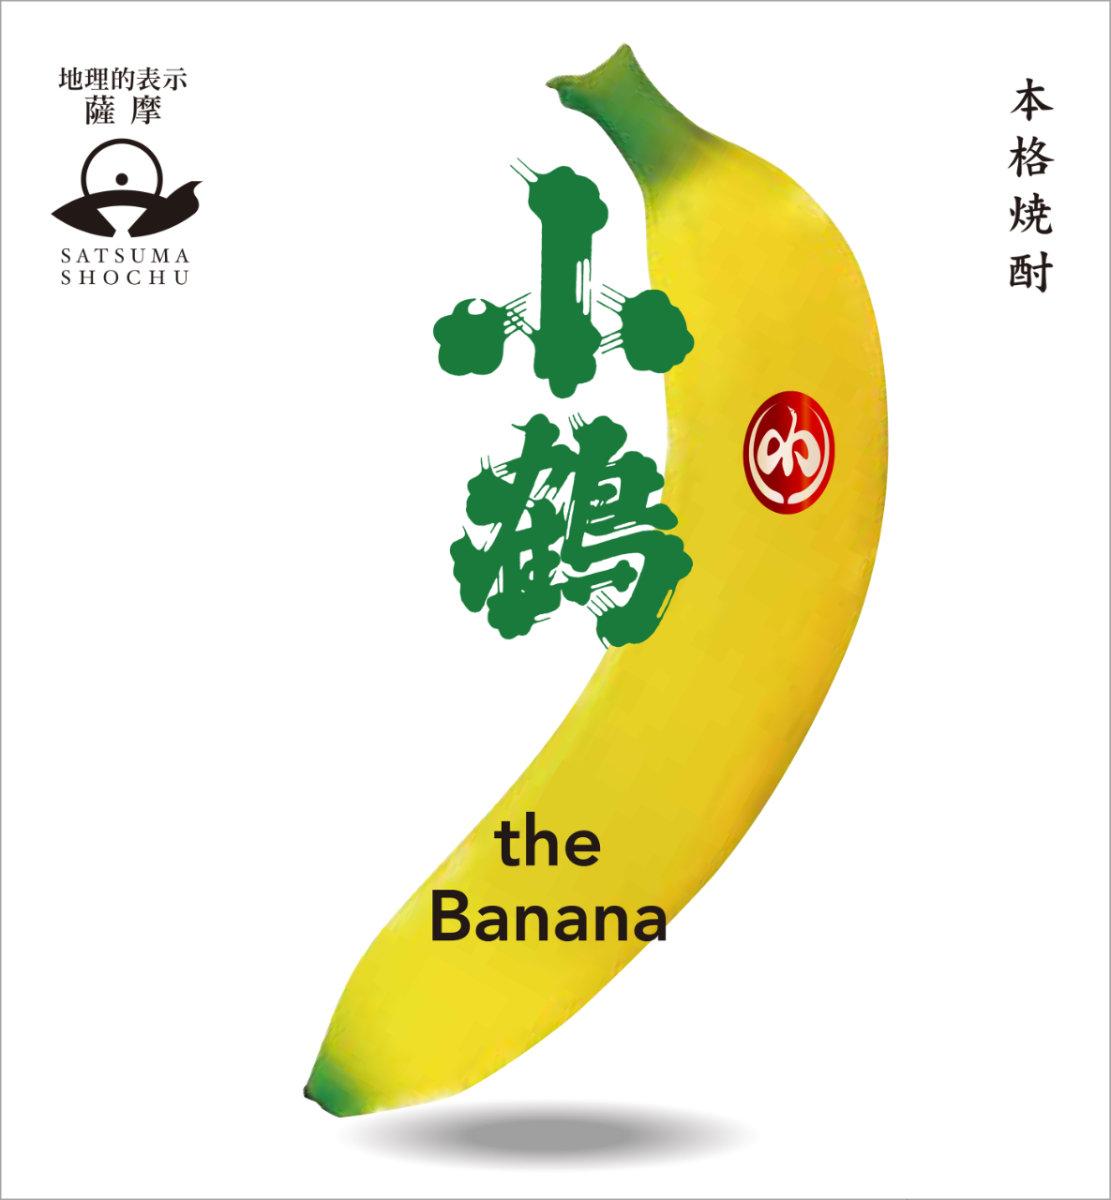 小鶴 the Banana,焼酎